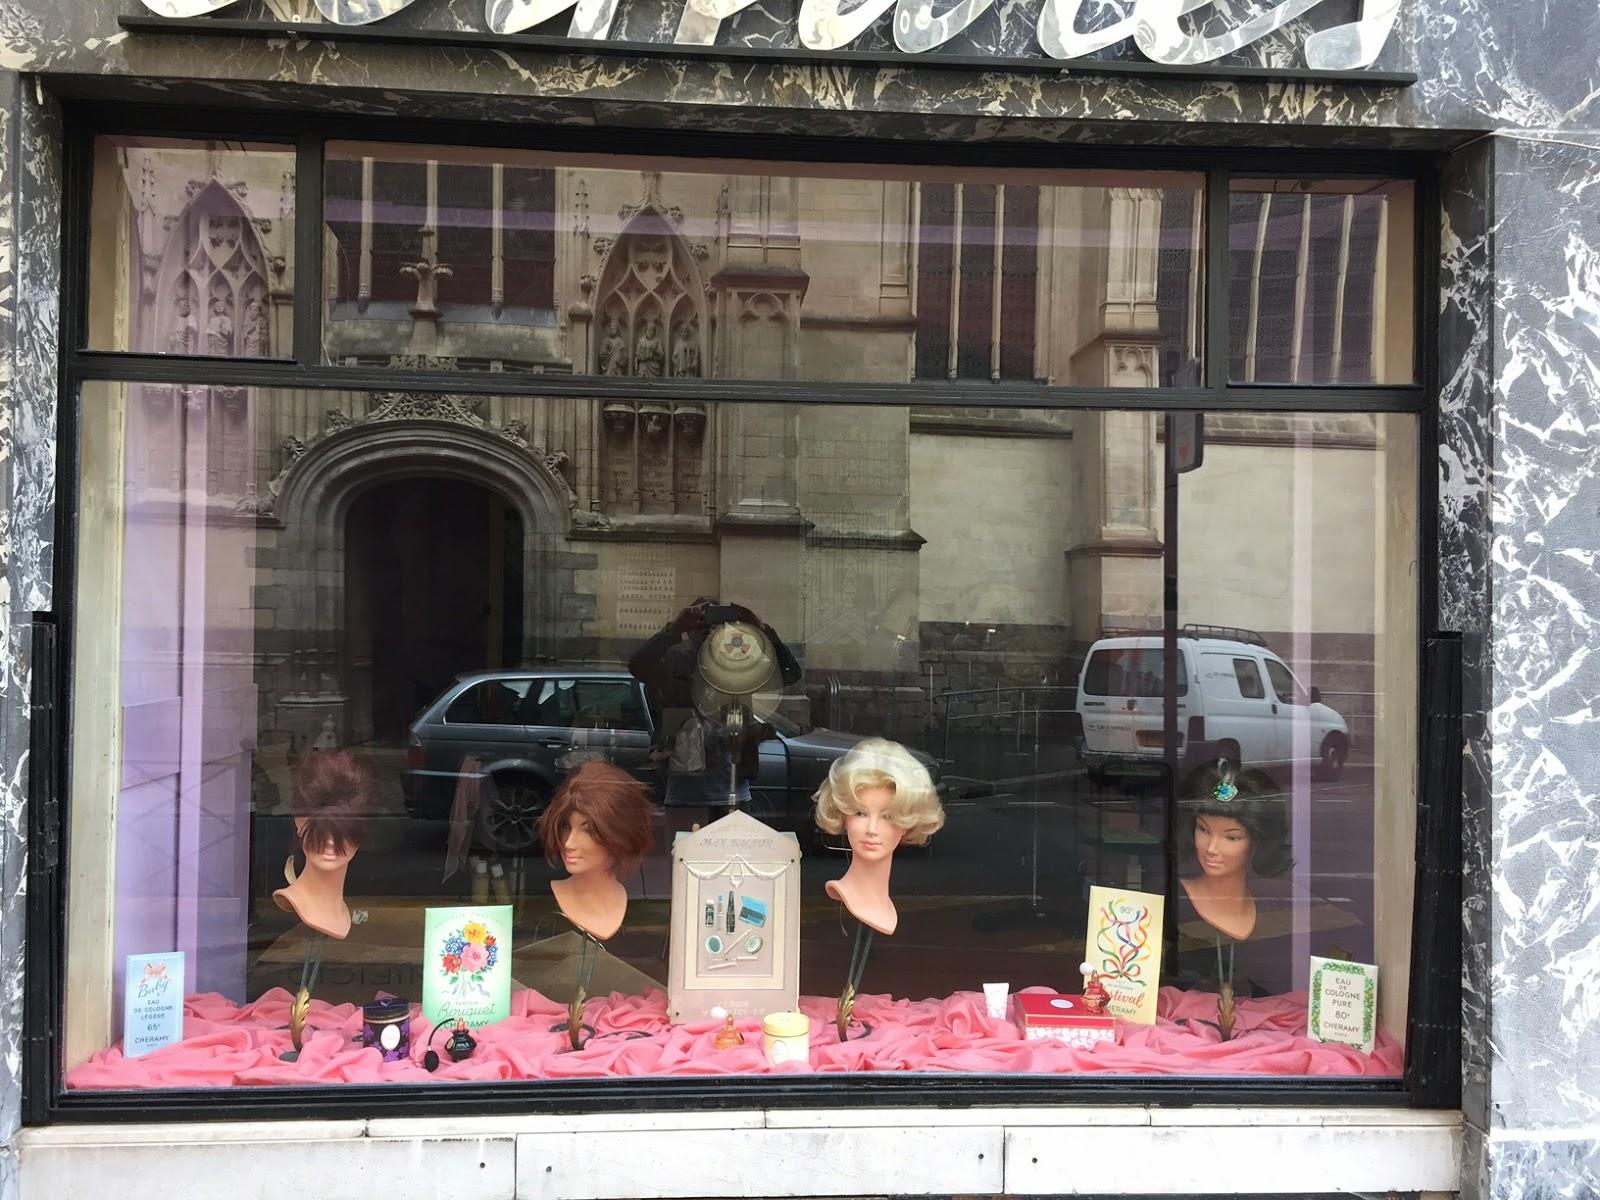 Remplacement d'une vitrine de magasin das l'hypercentre de Lille